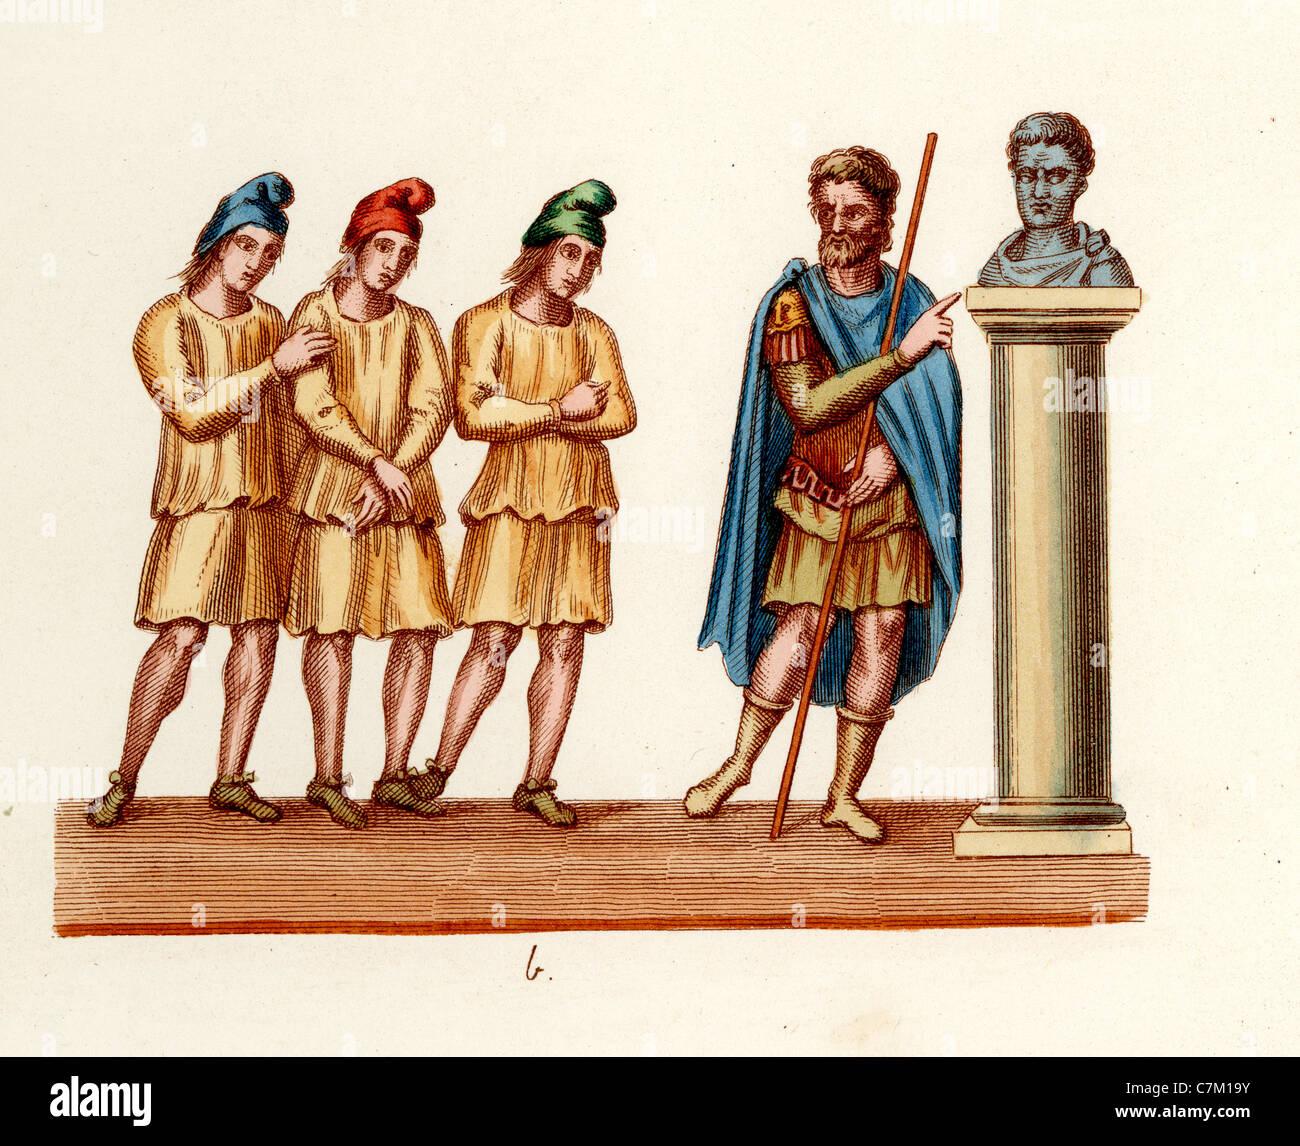 Tre ebrei in ordine al culto di una statua del re Foto Stock